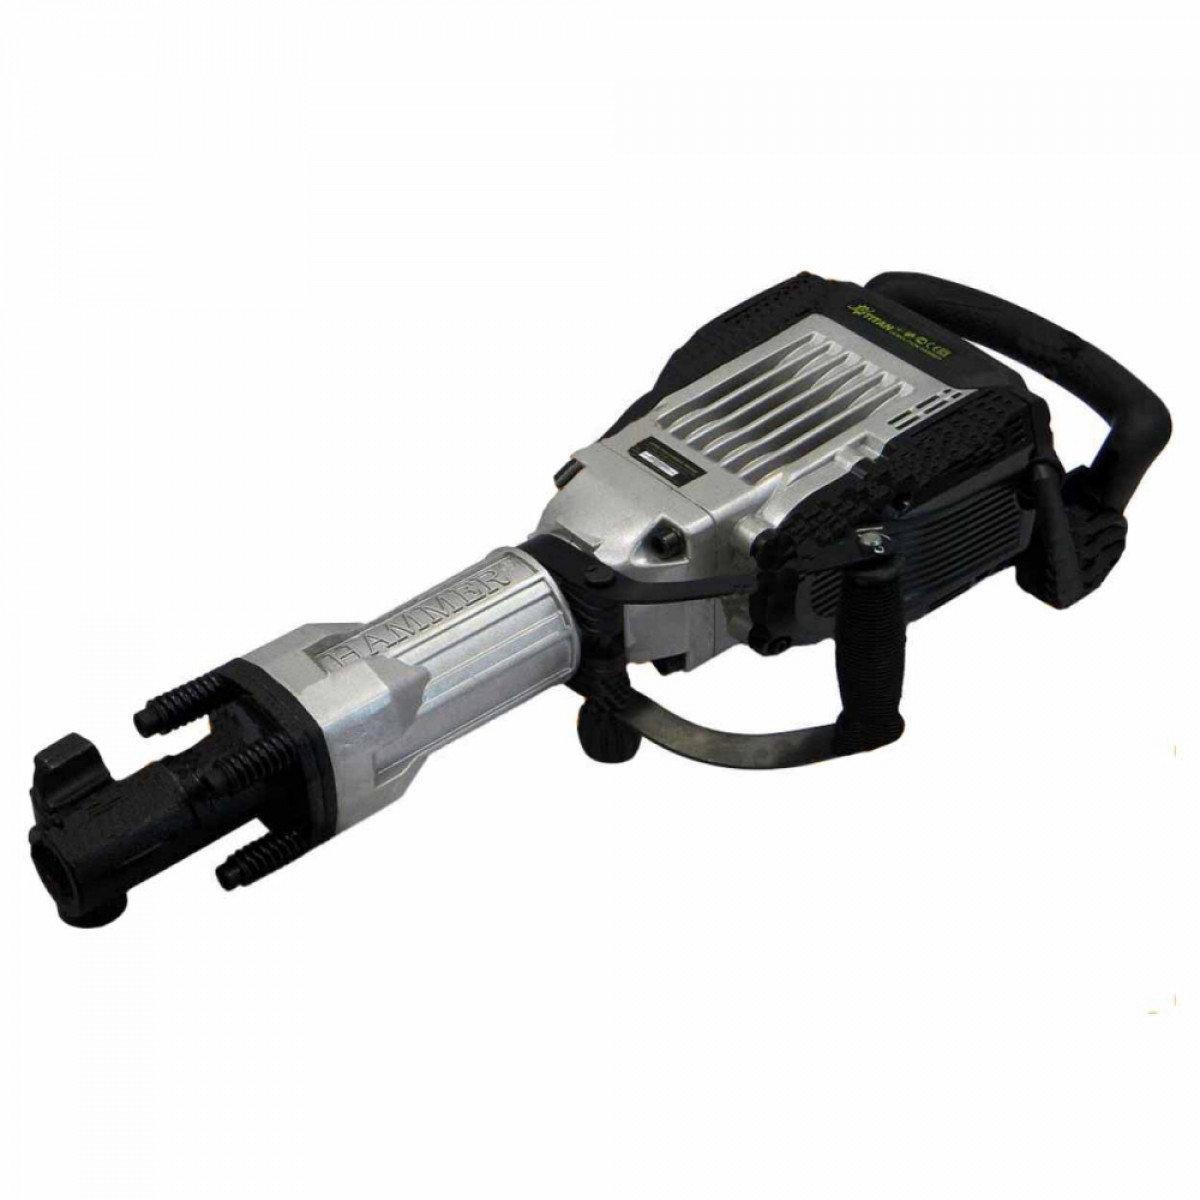 Електричний відбійний молоток Титан ПМ1800 (PM1800)